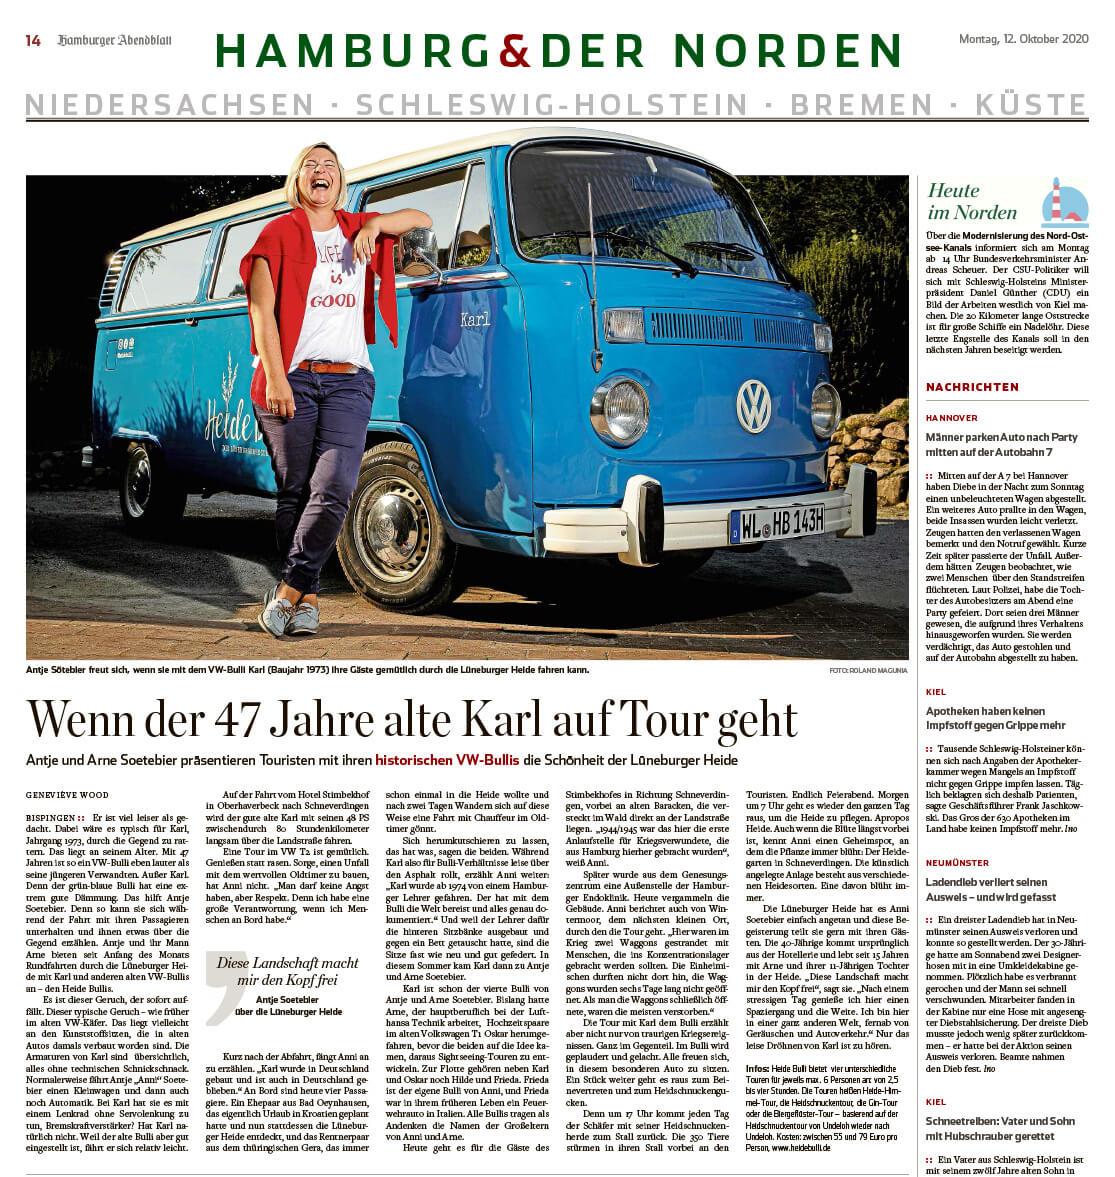 Hamburger Abendblatt - Wenn der 47 Jahre alte Karl auf Tour geht